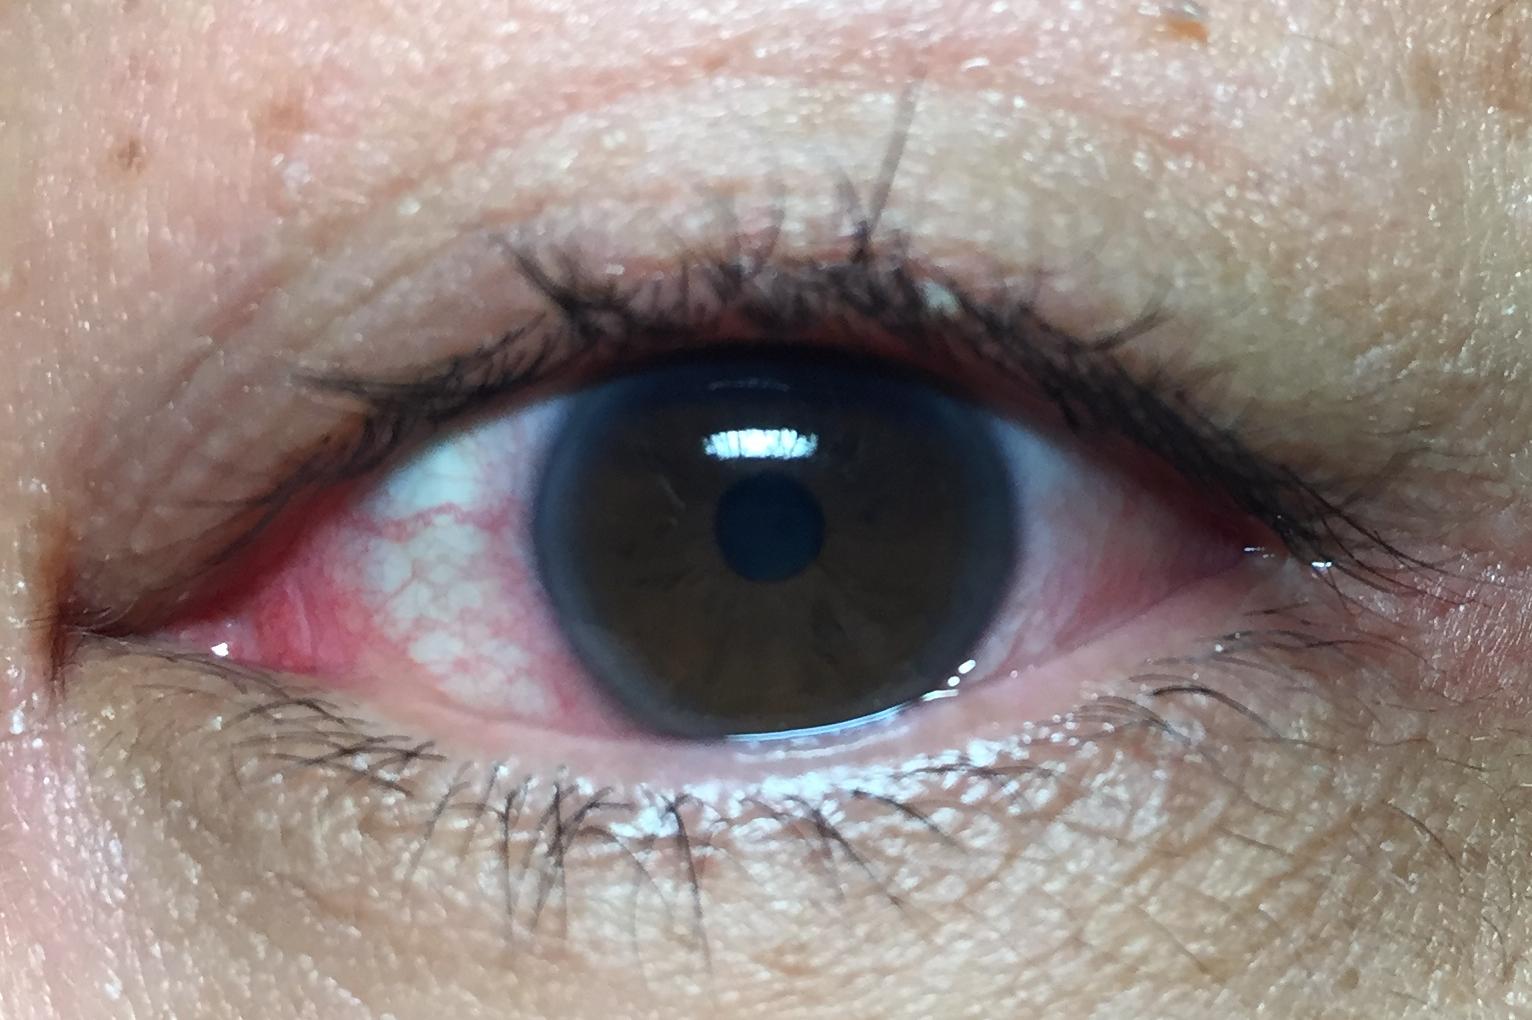 ヒリヒリ 痛い 目 が 病院は何科?「外傷なしなのに皮膚がヒリヒリ」神経障害性疼痛や帯状疱疹かも